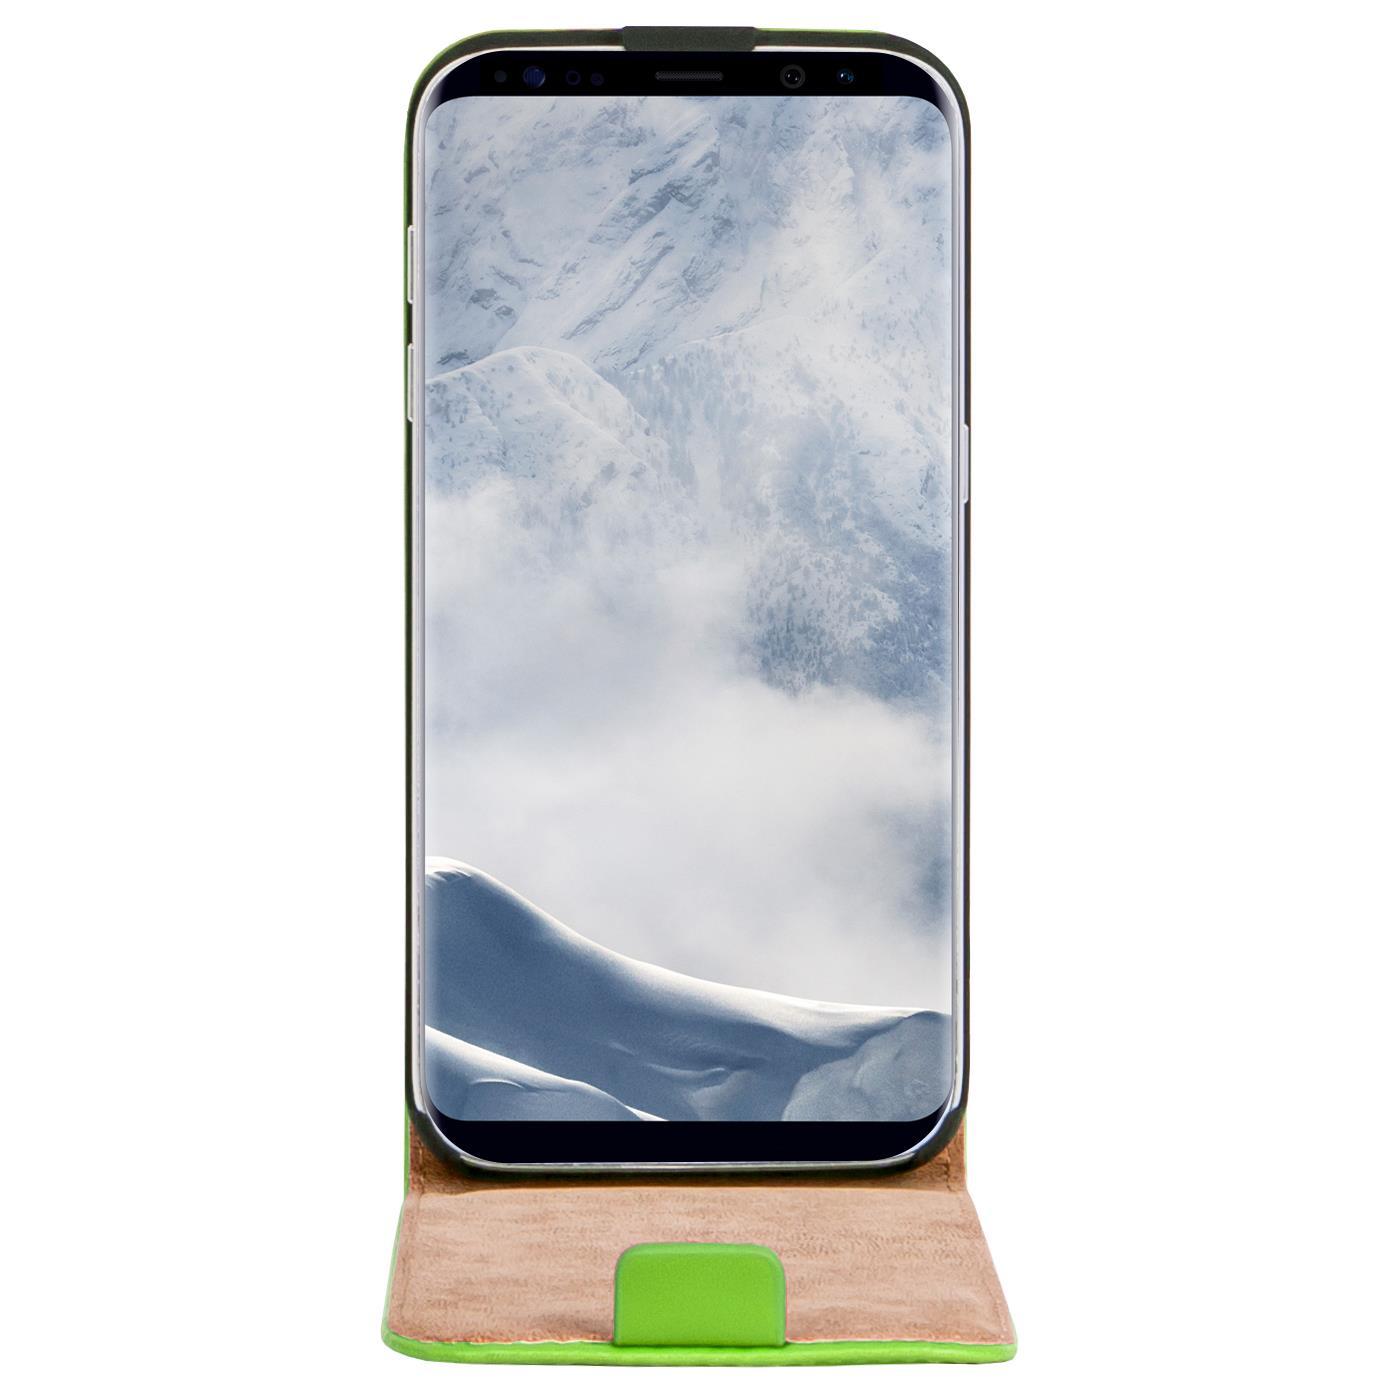 Klapphuelle-Samsung-Galaxy-Flip-Case-Tasche-Schutzhuelle-Cover-Schutz-Handy-Huelle Indexbild 18